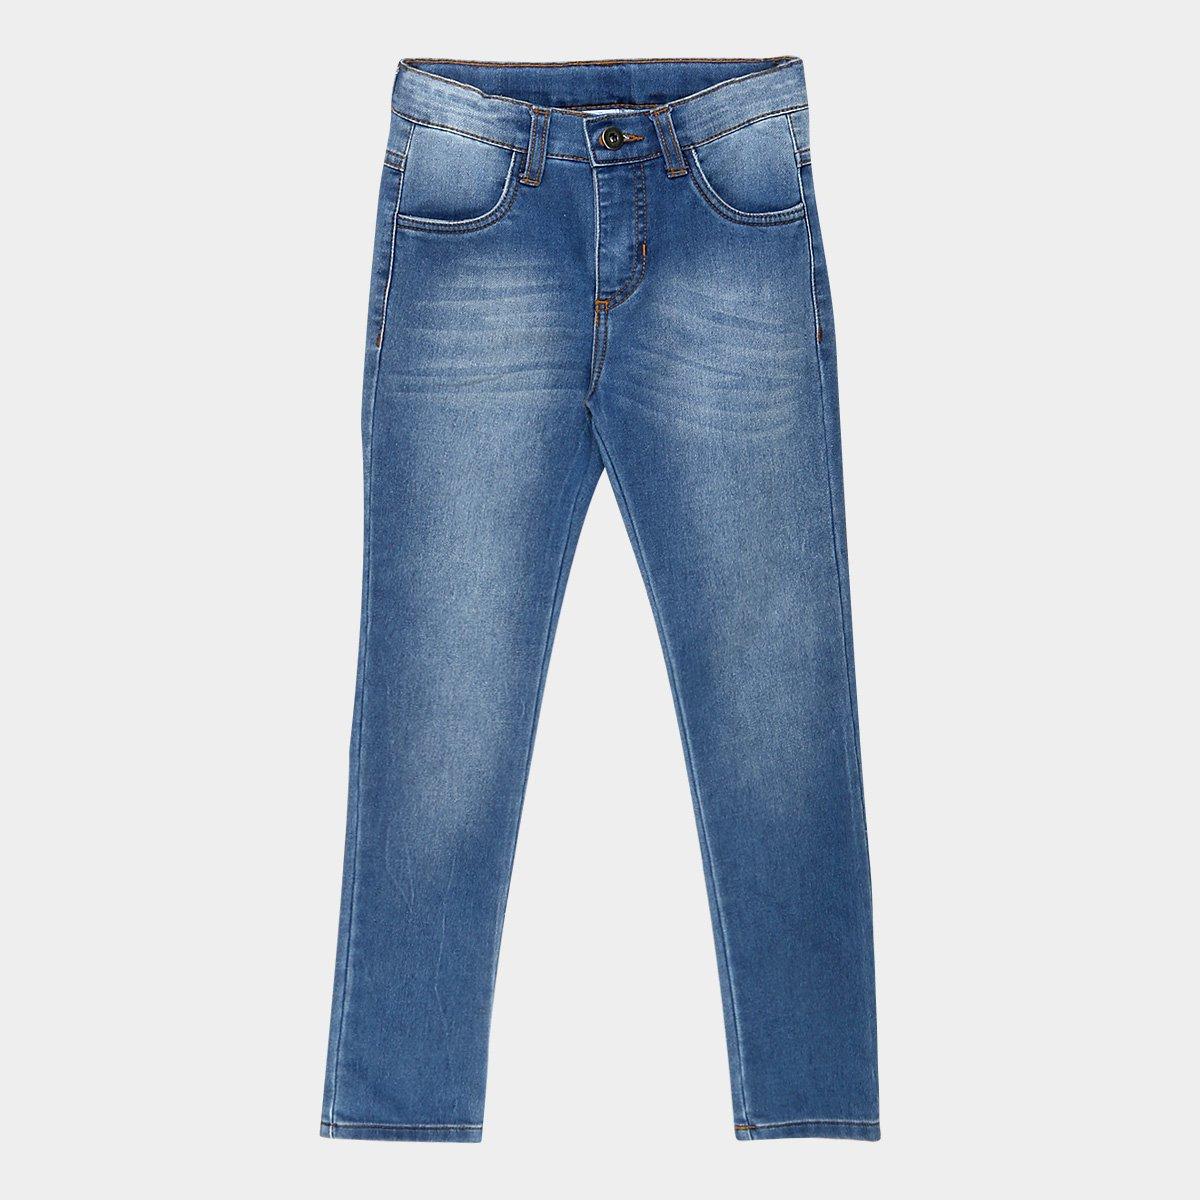 d9a7db073 Calça Jeans Infantil Cativa Estonada Masculina | Netshoes